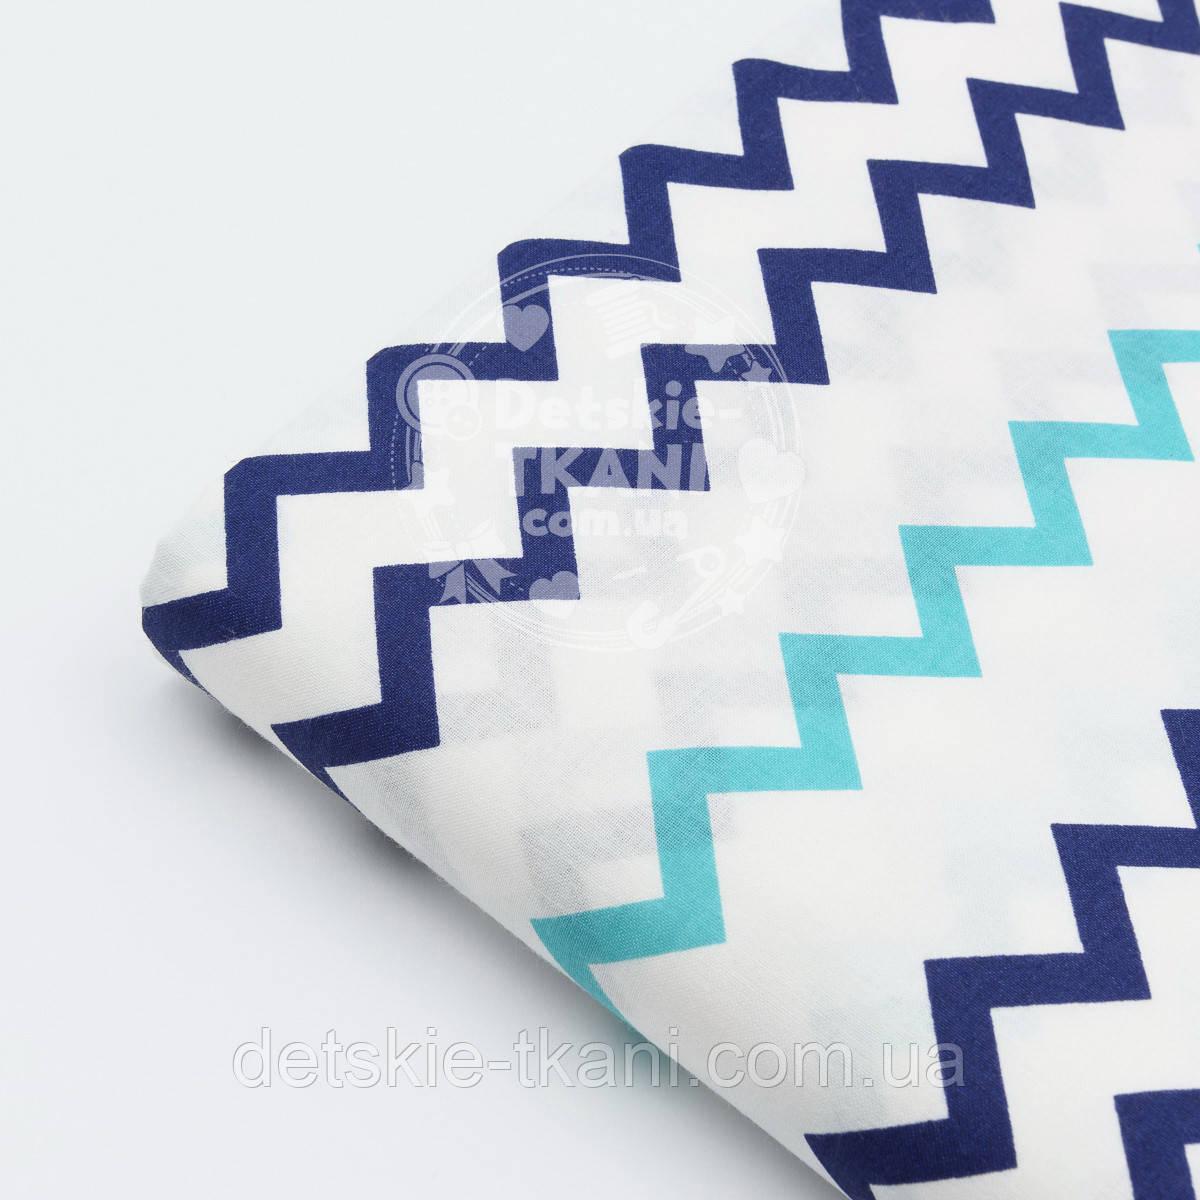 Лоскут ткани №219а размером 23*68см